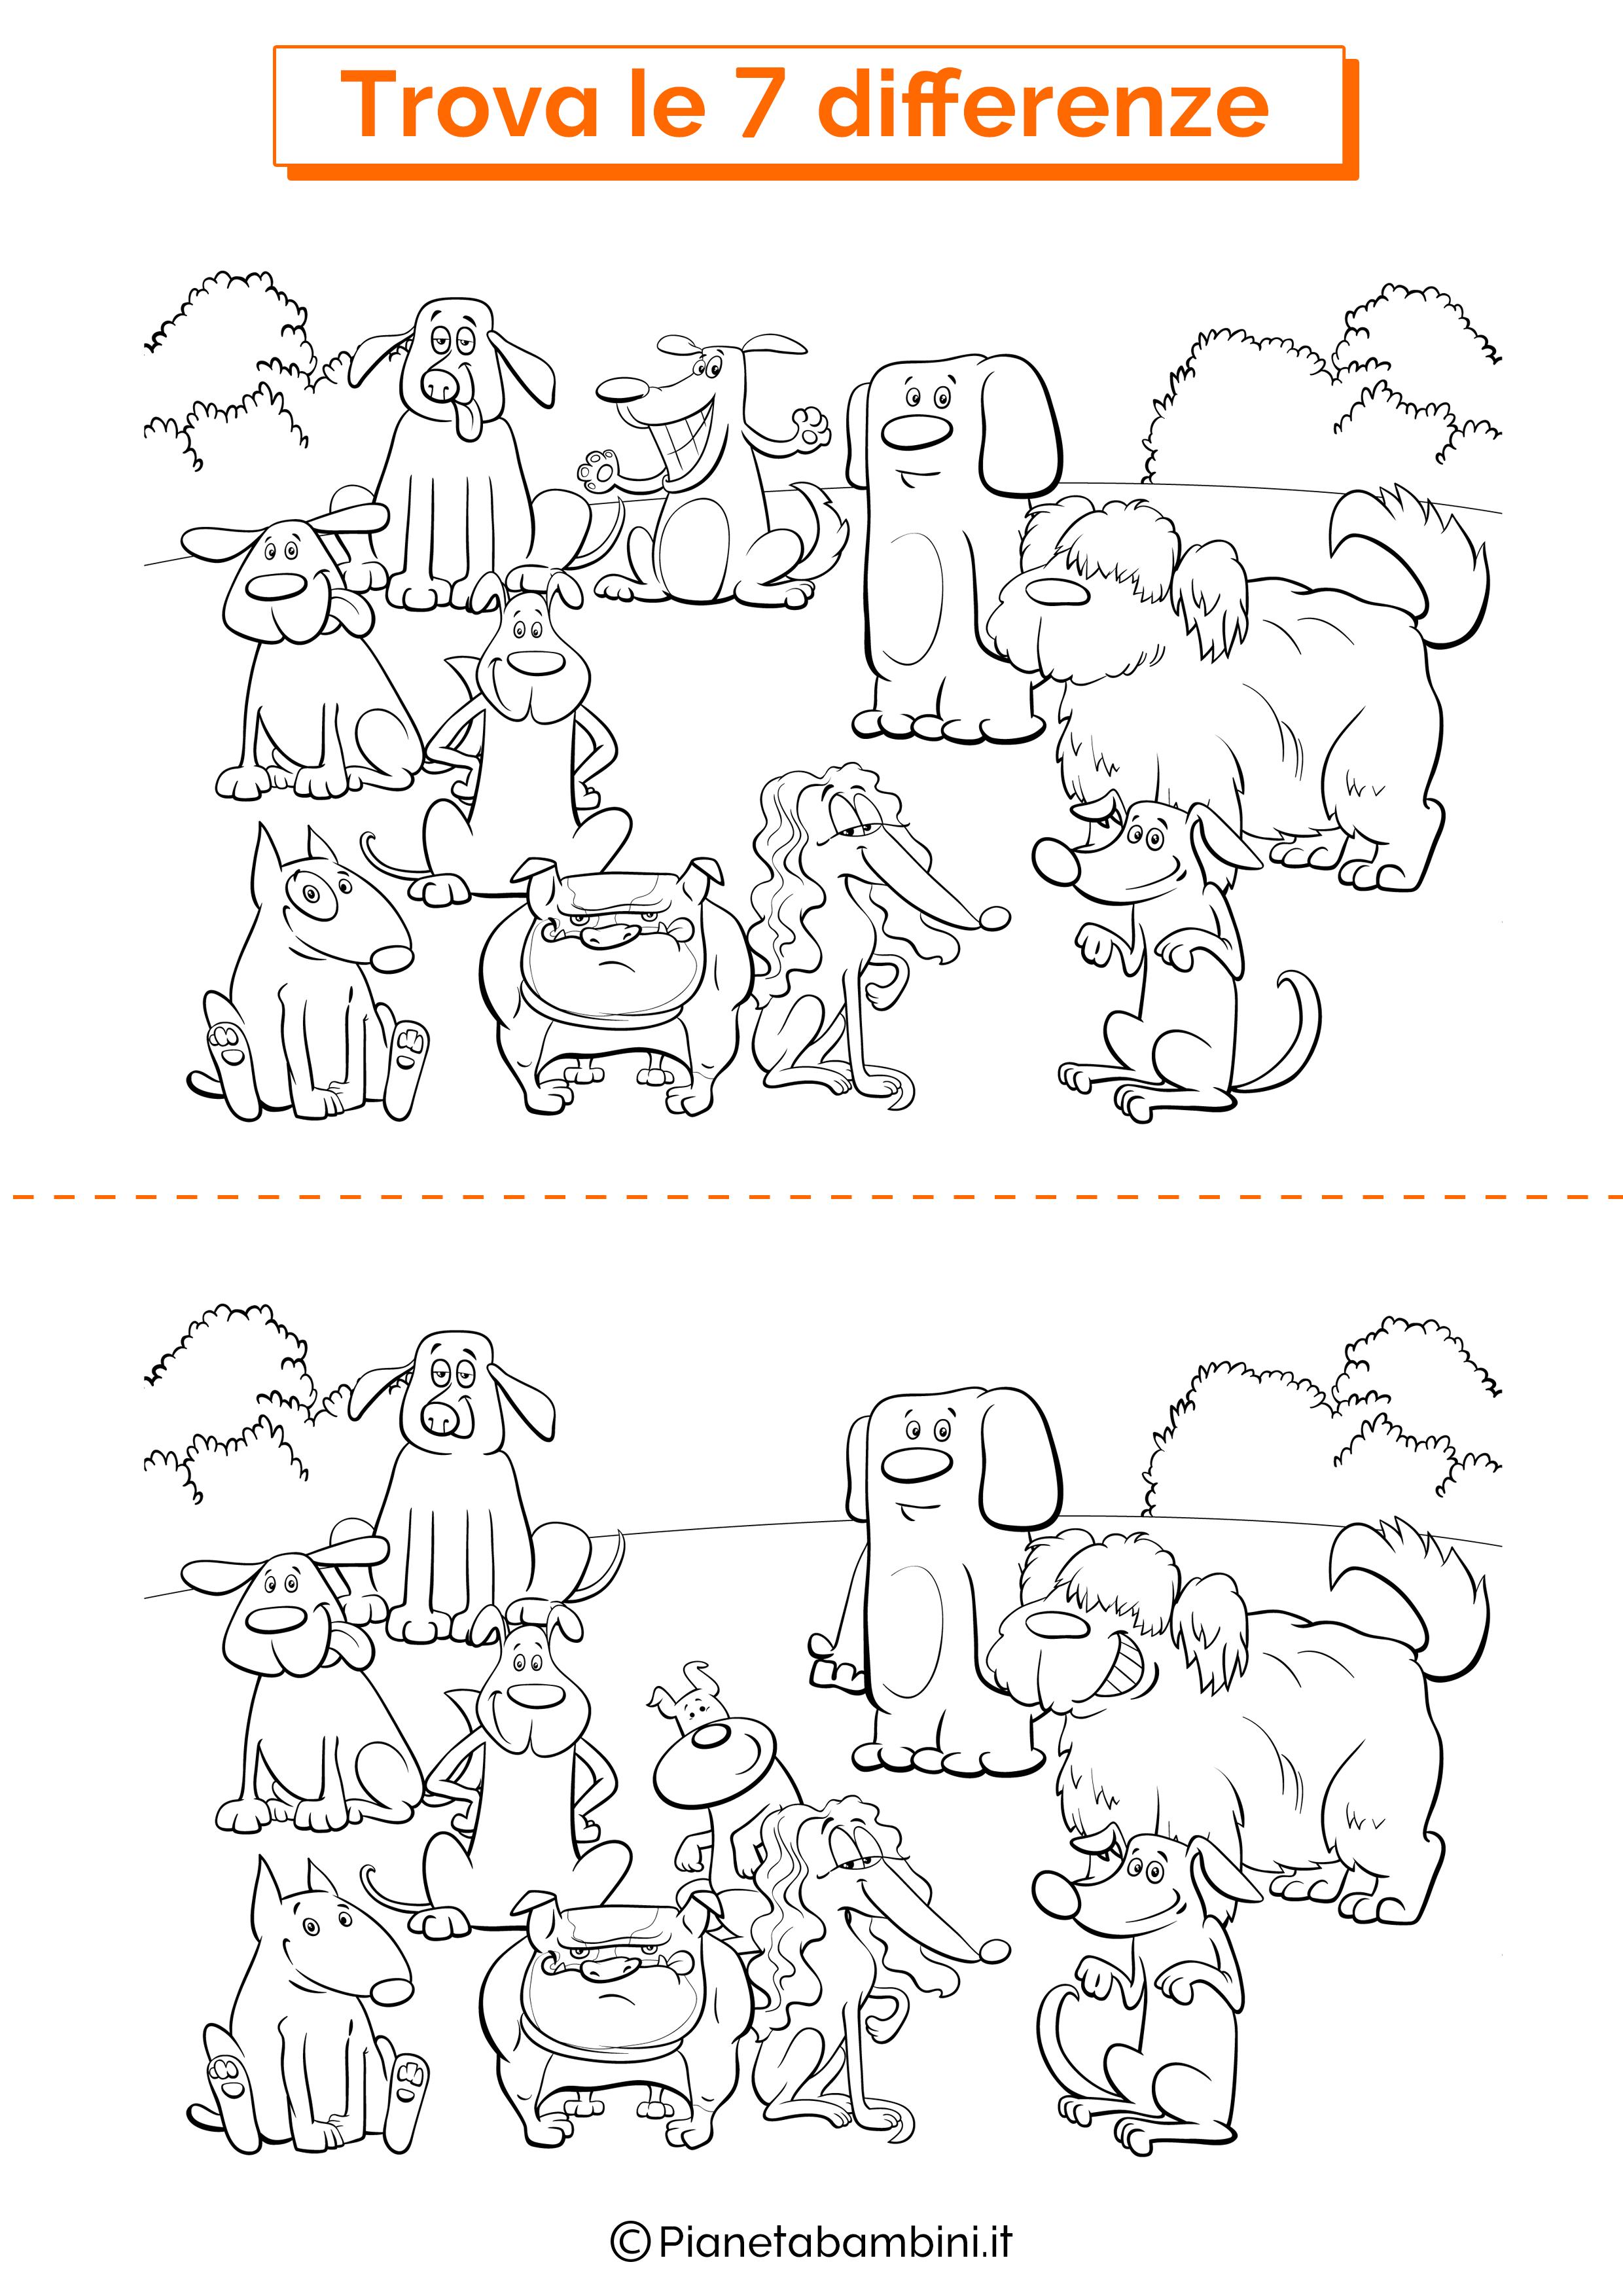 Disegno trova 7 differenze cani 2